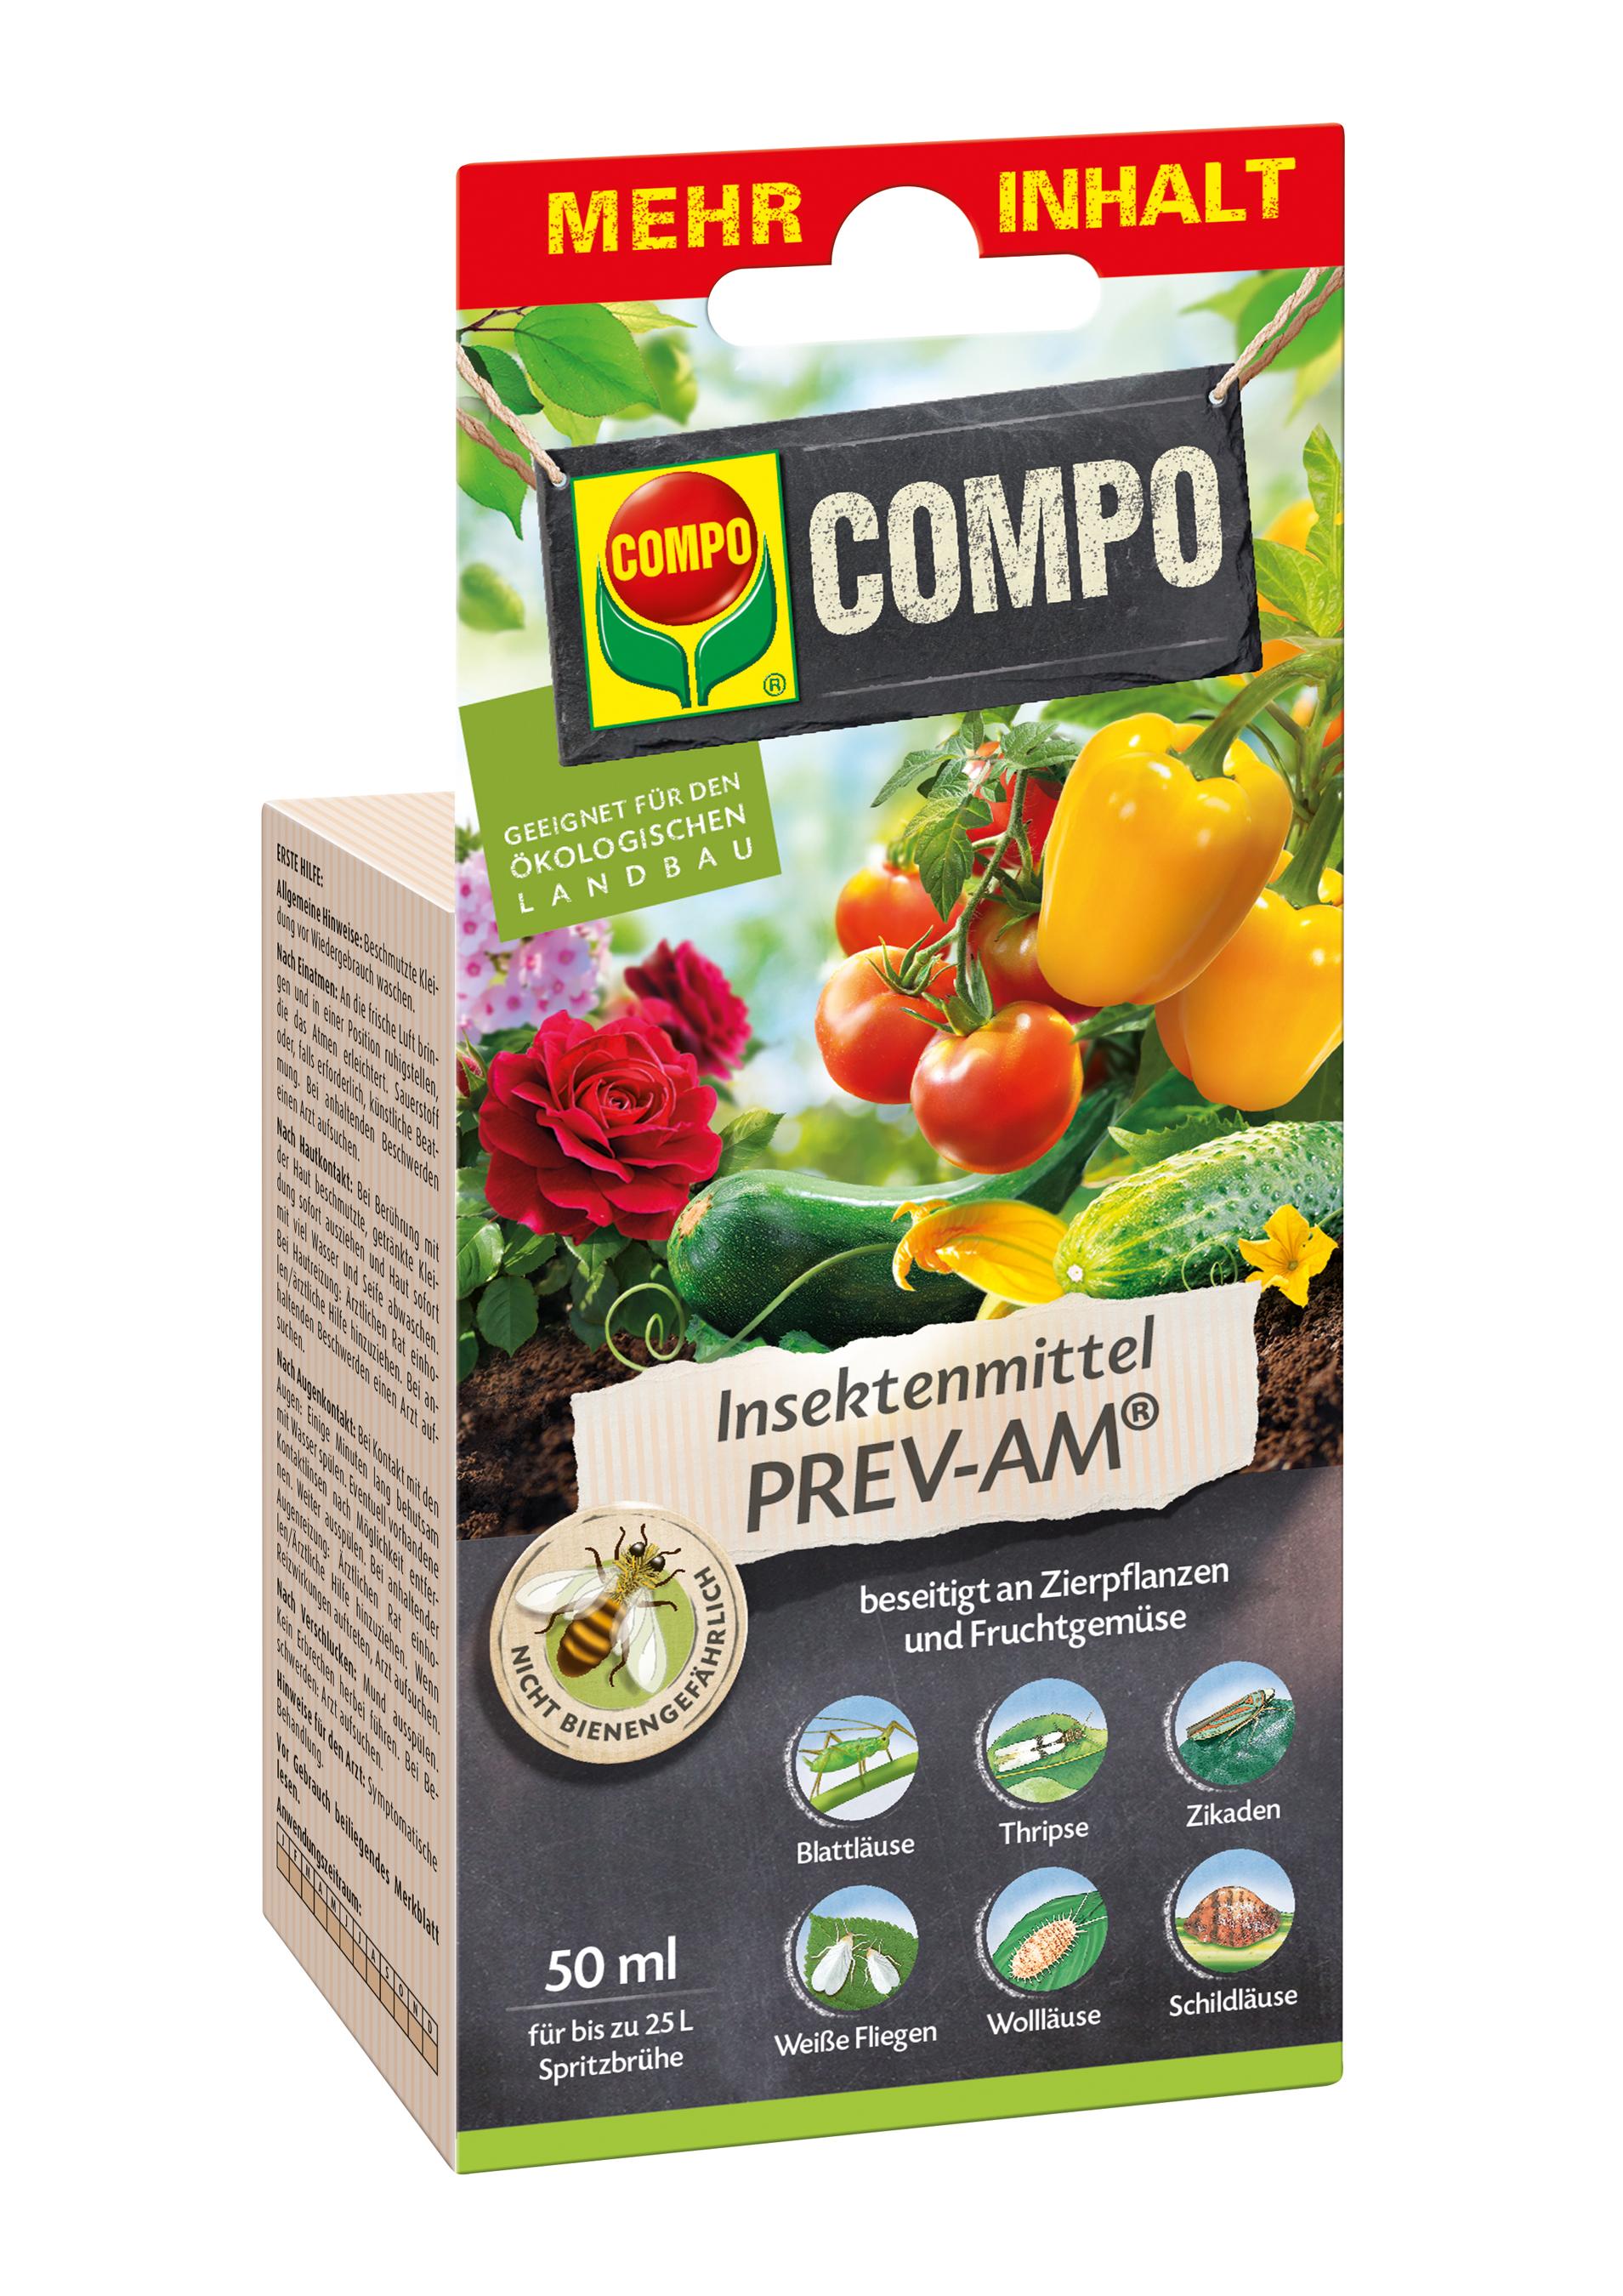 COMPO Insektenmittel PREV-AM 50ml Bild 1